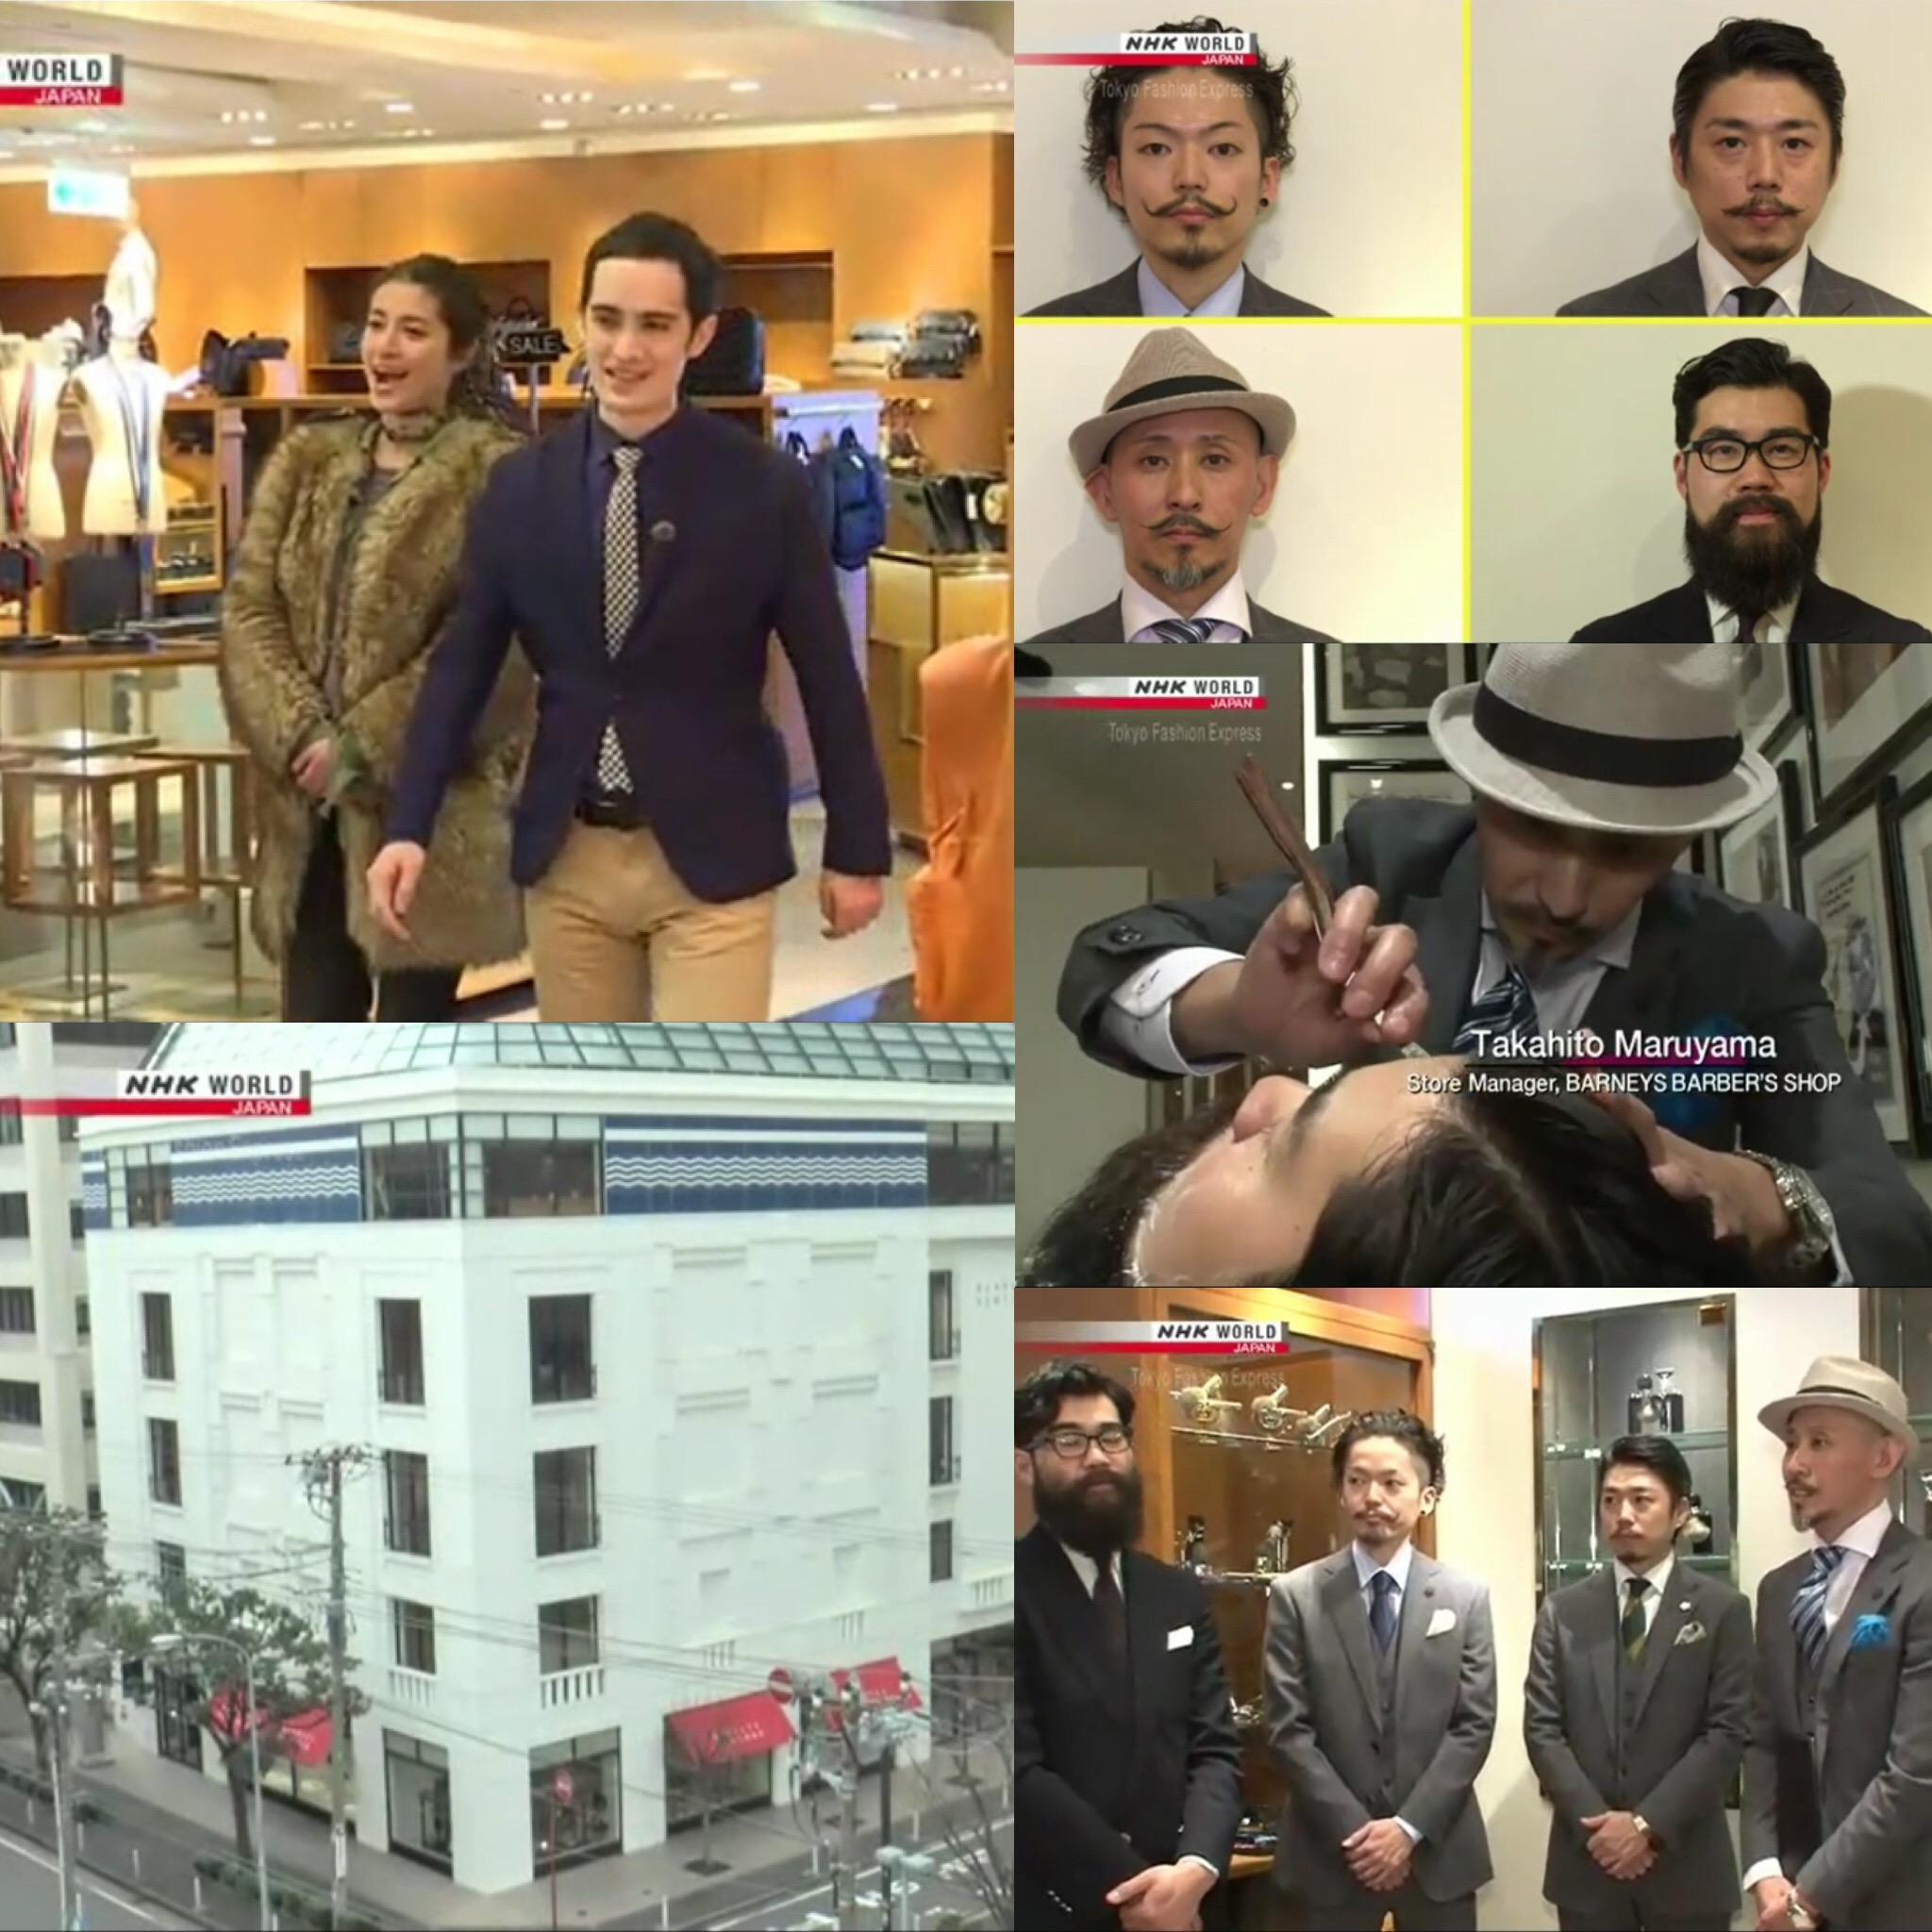 【 TOKYO FASHION EXPRESS 】NHK WORLD